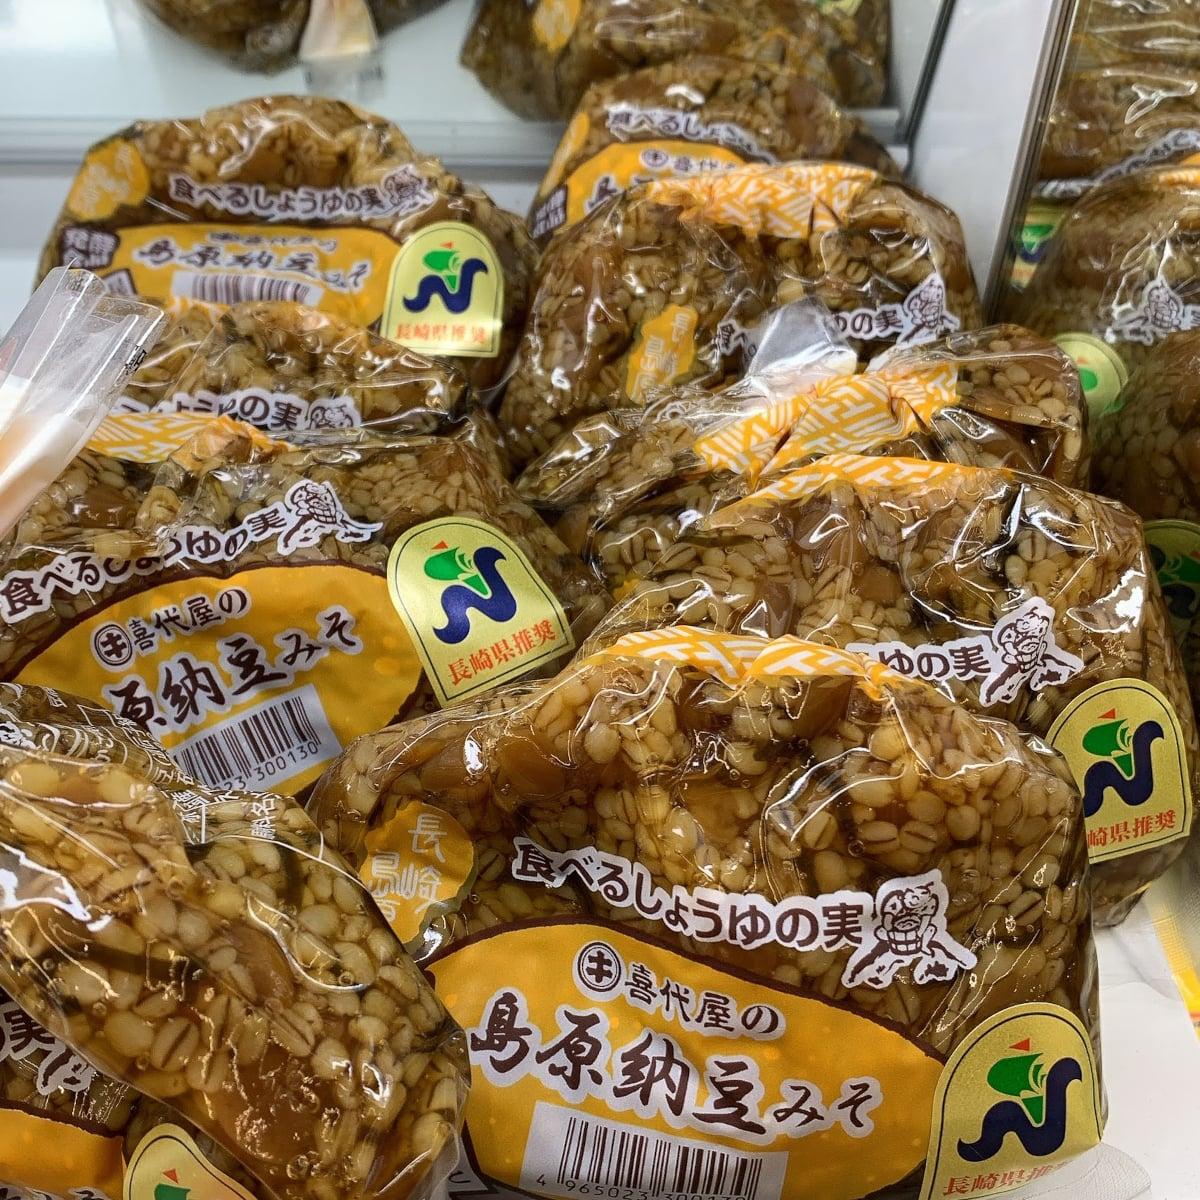 売られていた喜代屋の「島原納豆みそ」